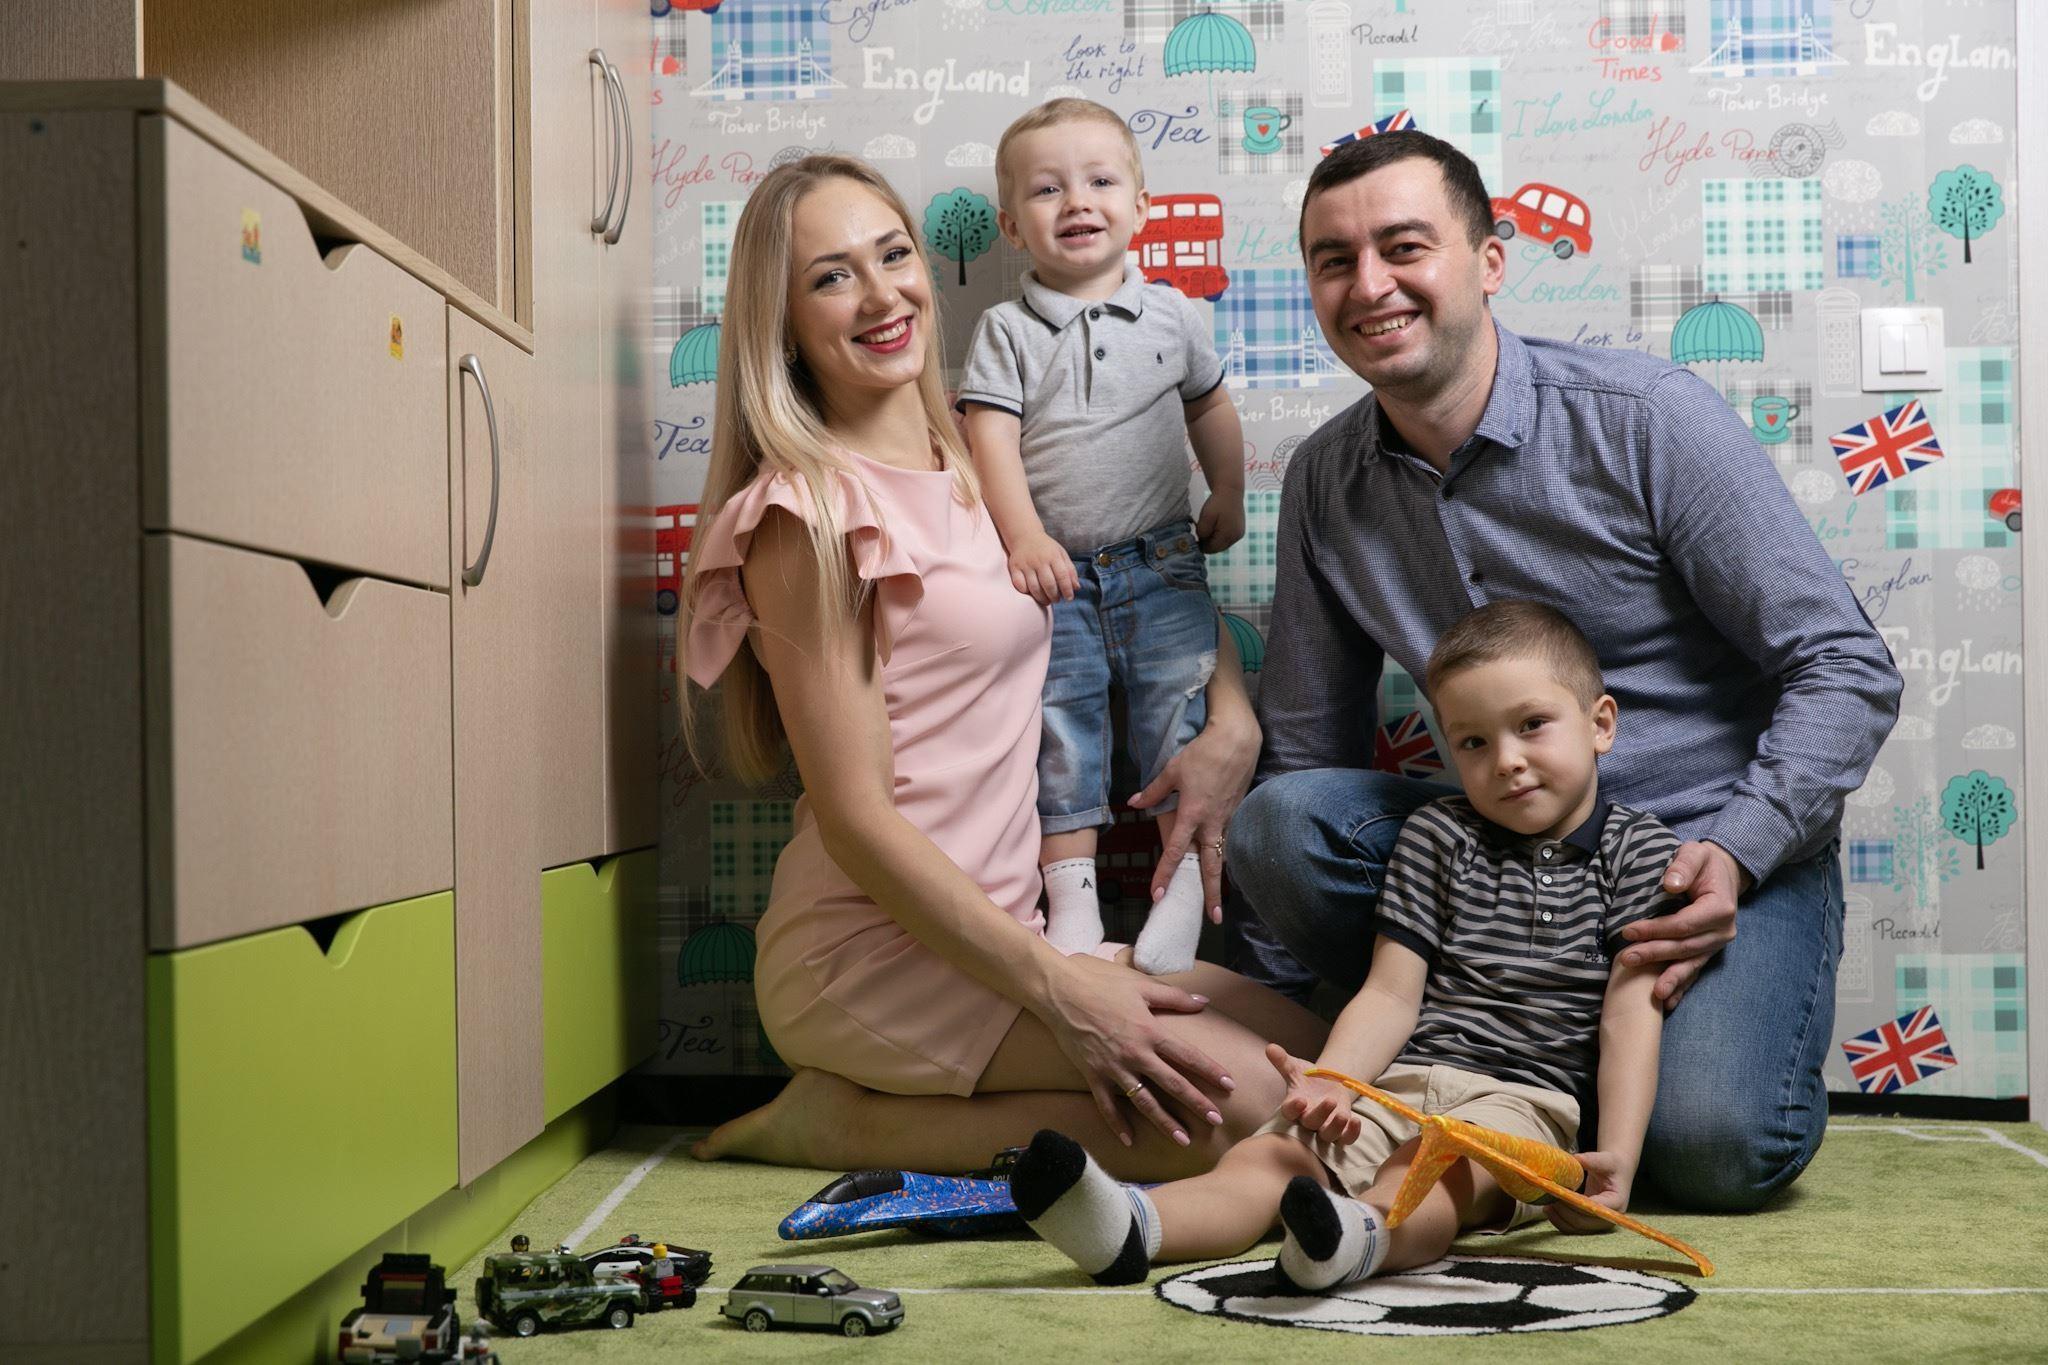 Пенсионный фонд в Костромской области будет вести прием в выходные дни